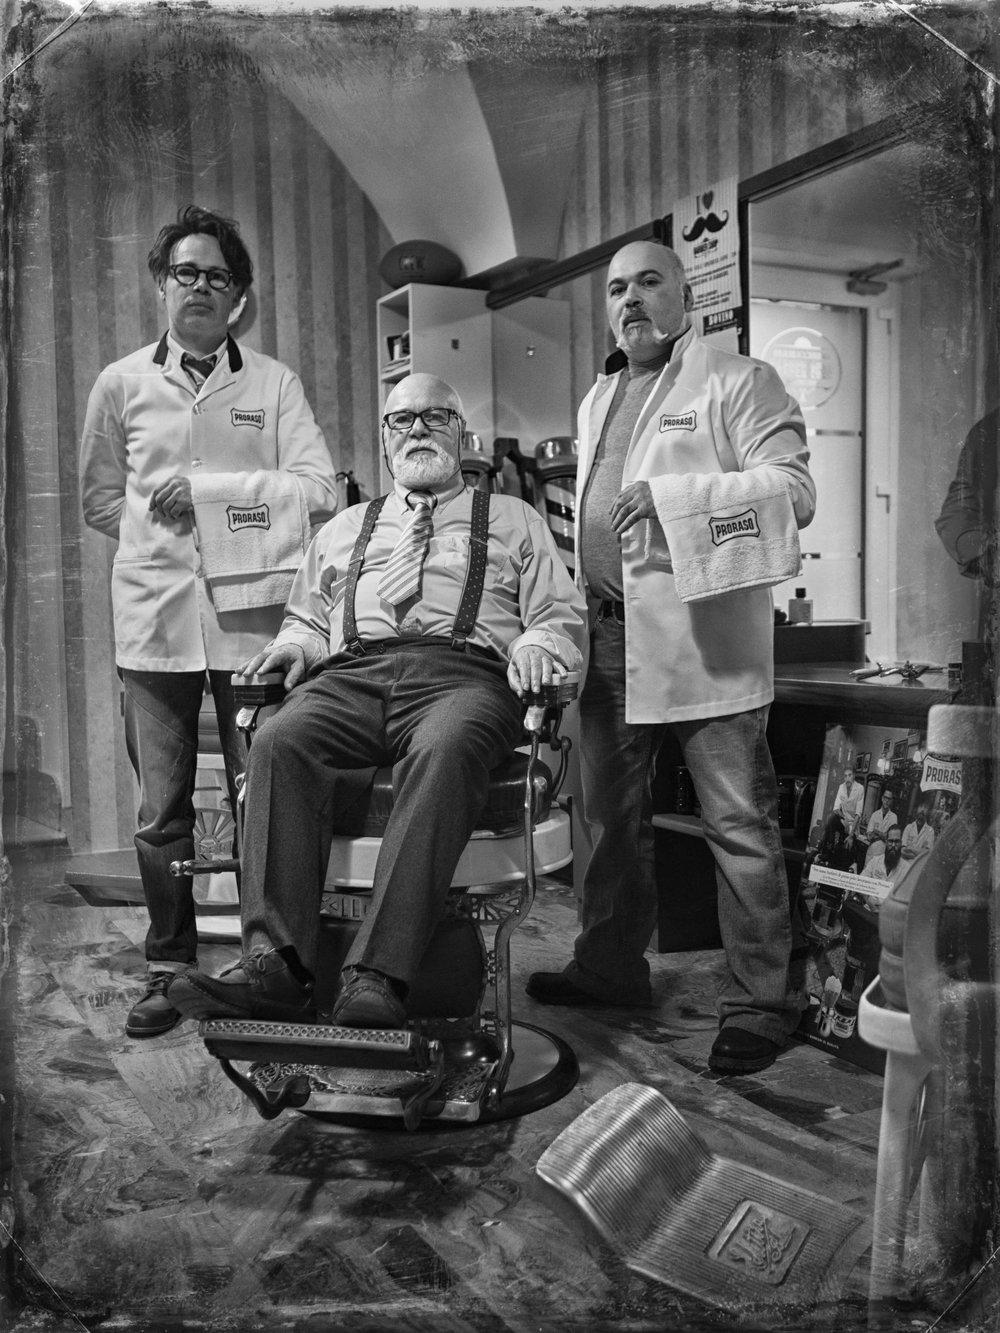 Luigi Scapicchio (IT) – ScheershowHet is een eer om de familie Scapicchio, een van de oudste actieve barbierfamilies in de wereld, te ontvangen op BarberSociety Live. Al vijf generaties lang, sinds 1820, geven zij de kunst van het traditionele Italiaanse scheren door. Mét het ouderwetse klapmes. Zij hebben een unieke werkstijl ontwikkeld die zij demonstreren op BarberSociety Live namens Proraso/Intervoll. -